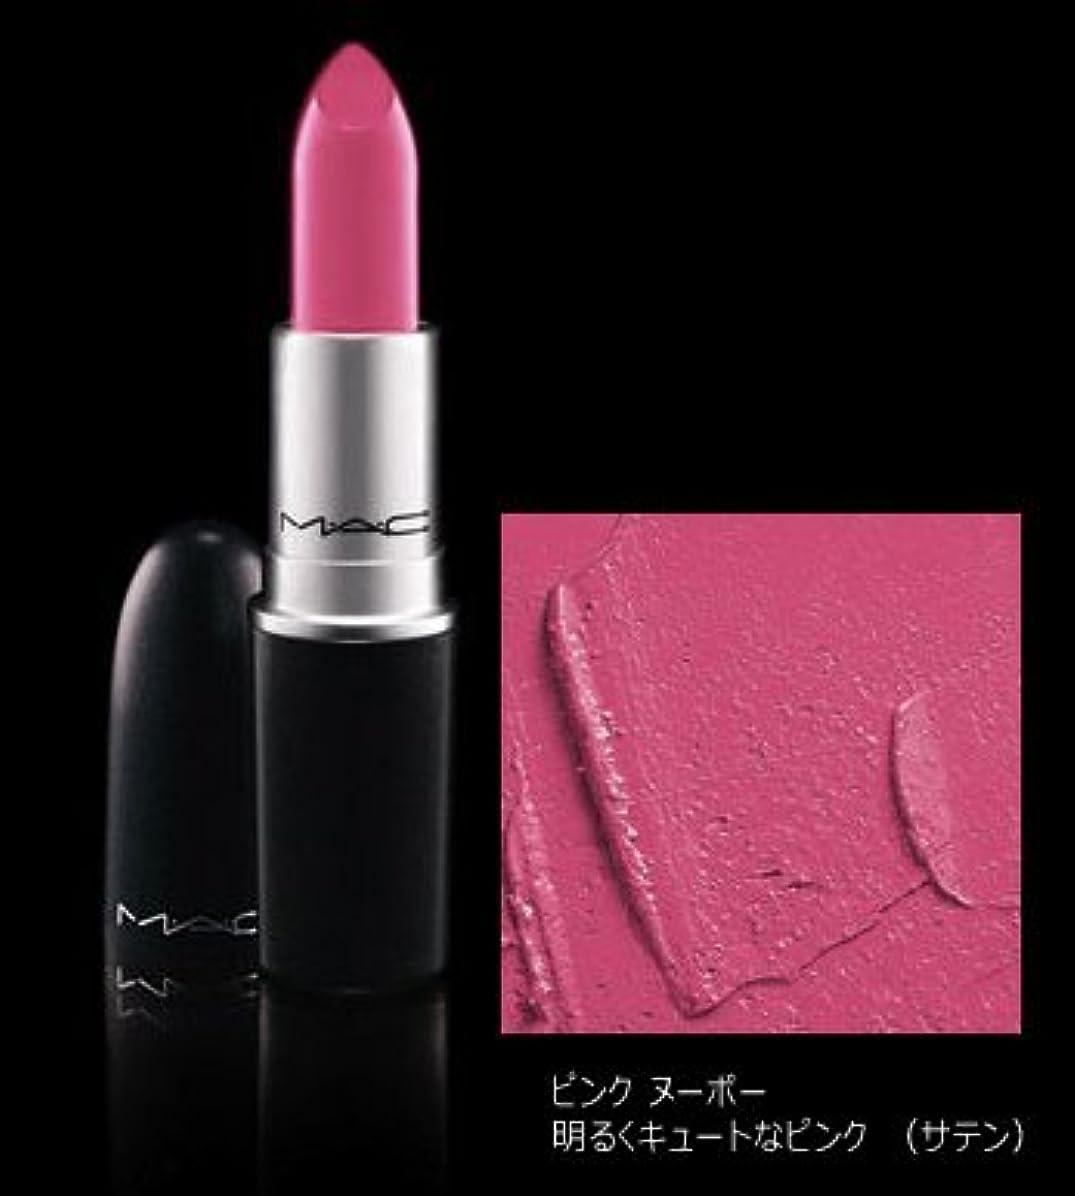 交換可能意図するモデレータ【マック】リップスティック (サテン) #ピンク ヌーボー 3g [並行輸入品]